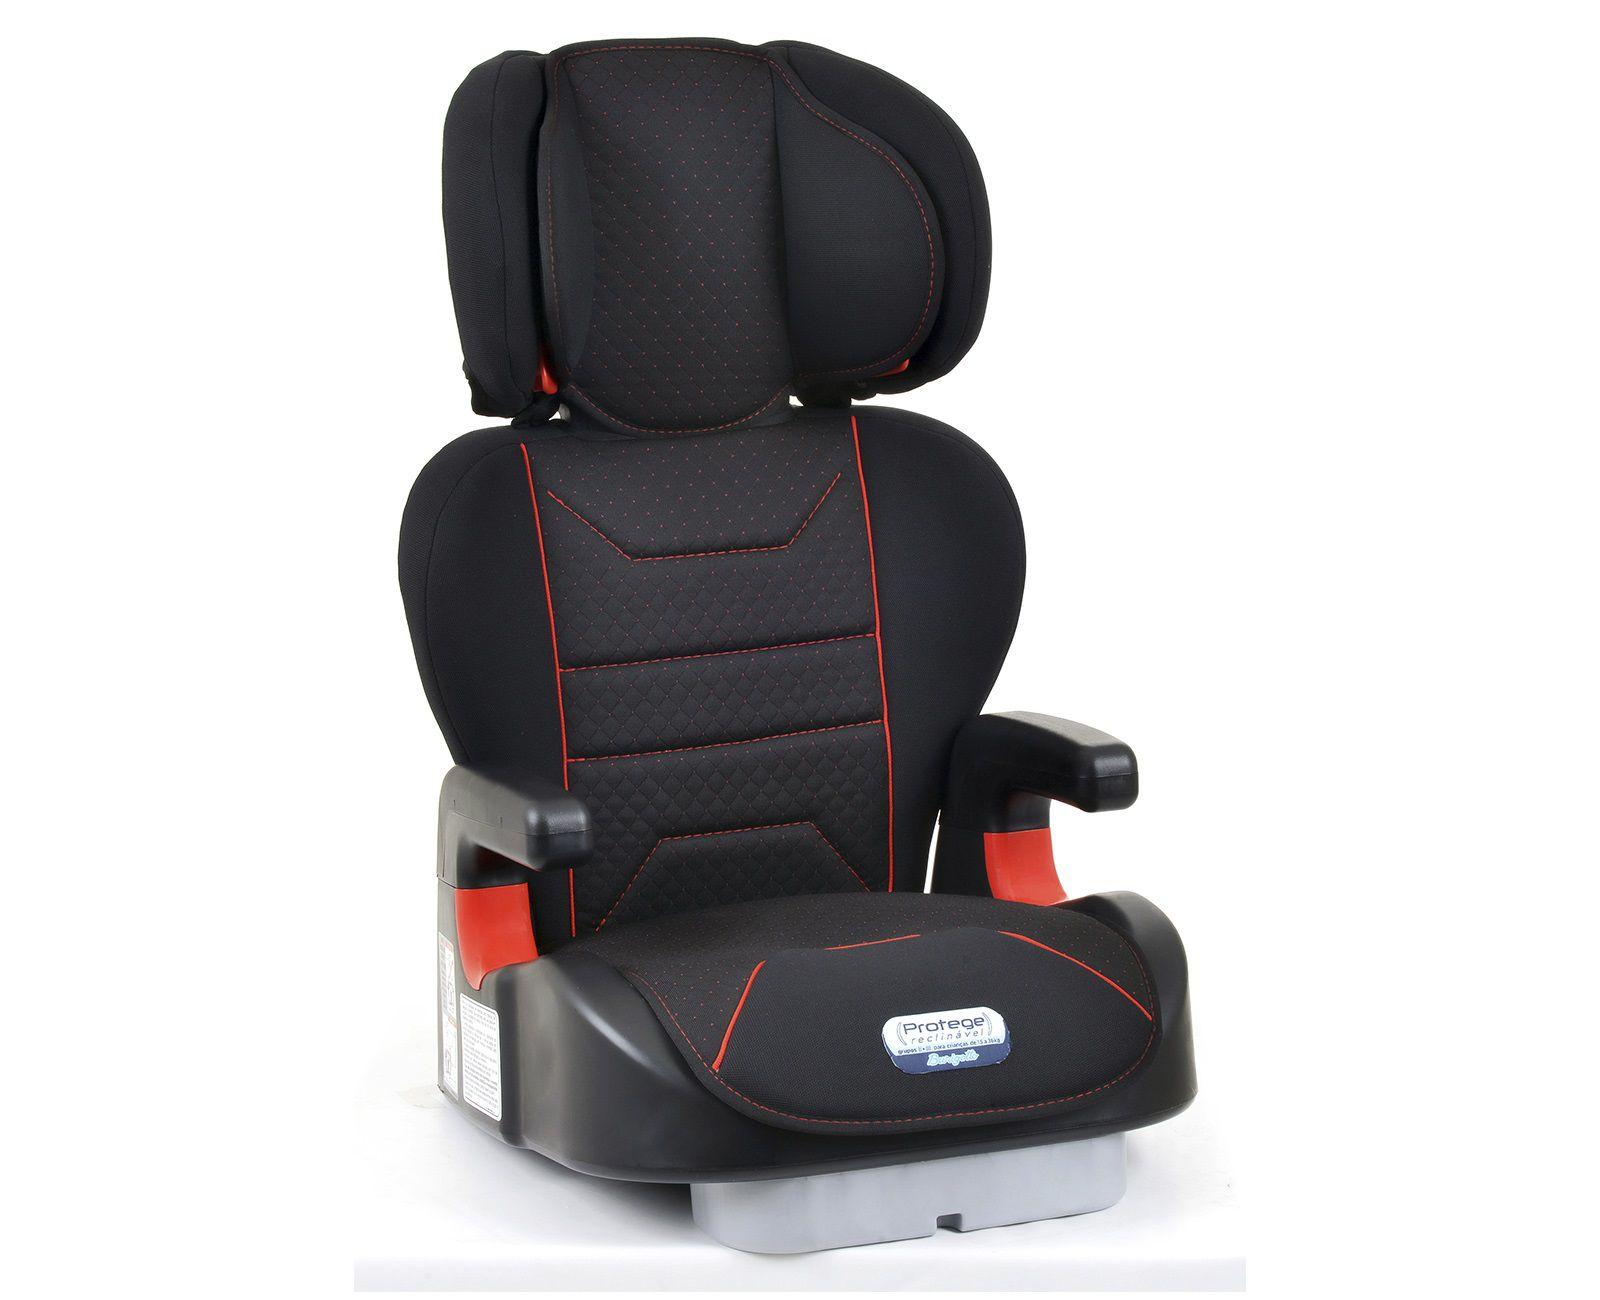 Cadeira Carro - Protege Reclinável - Preta e Vermelha - de 15 à 36Kg - Burigotto